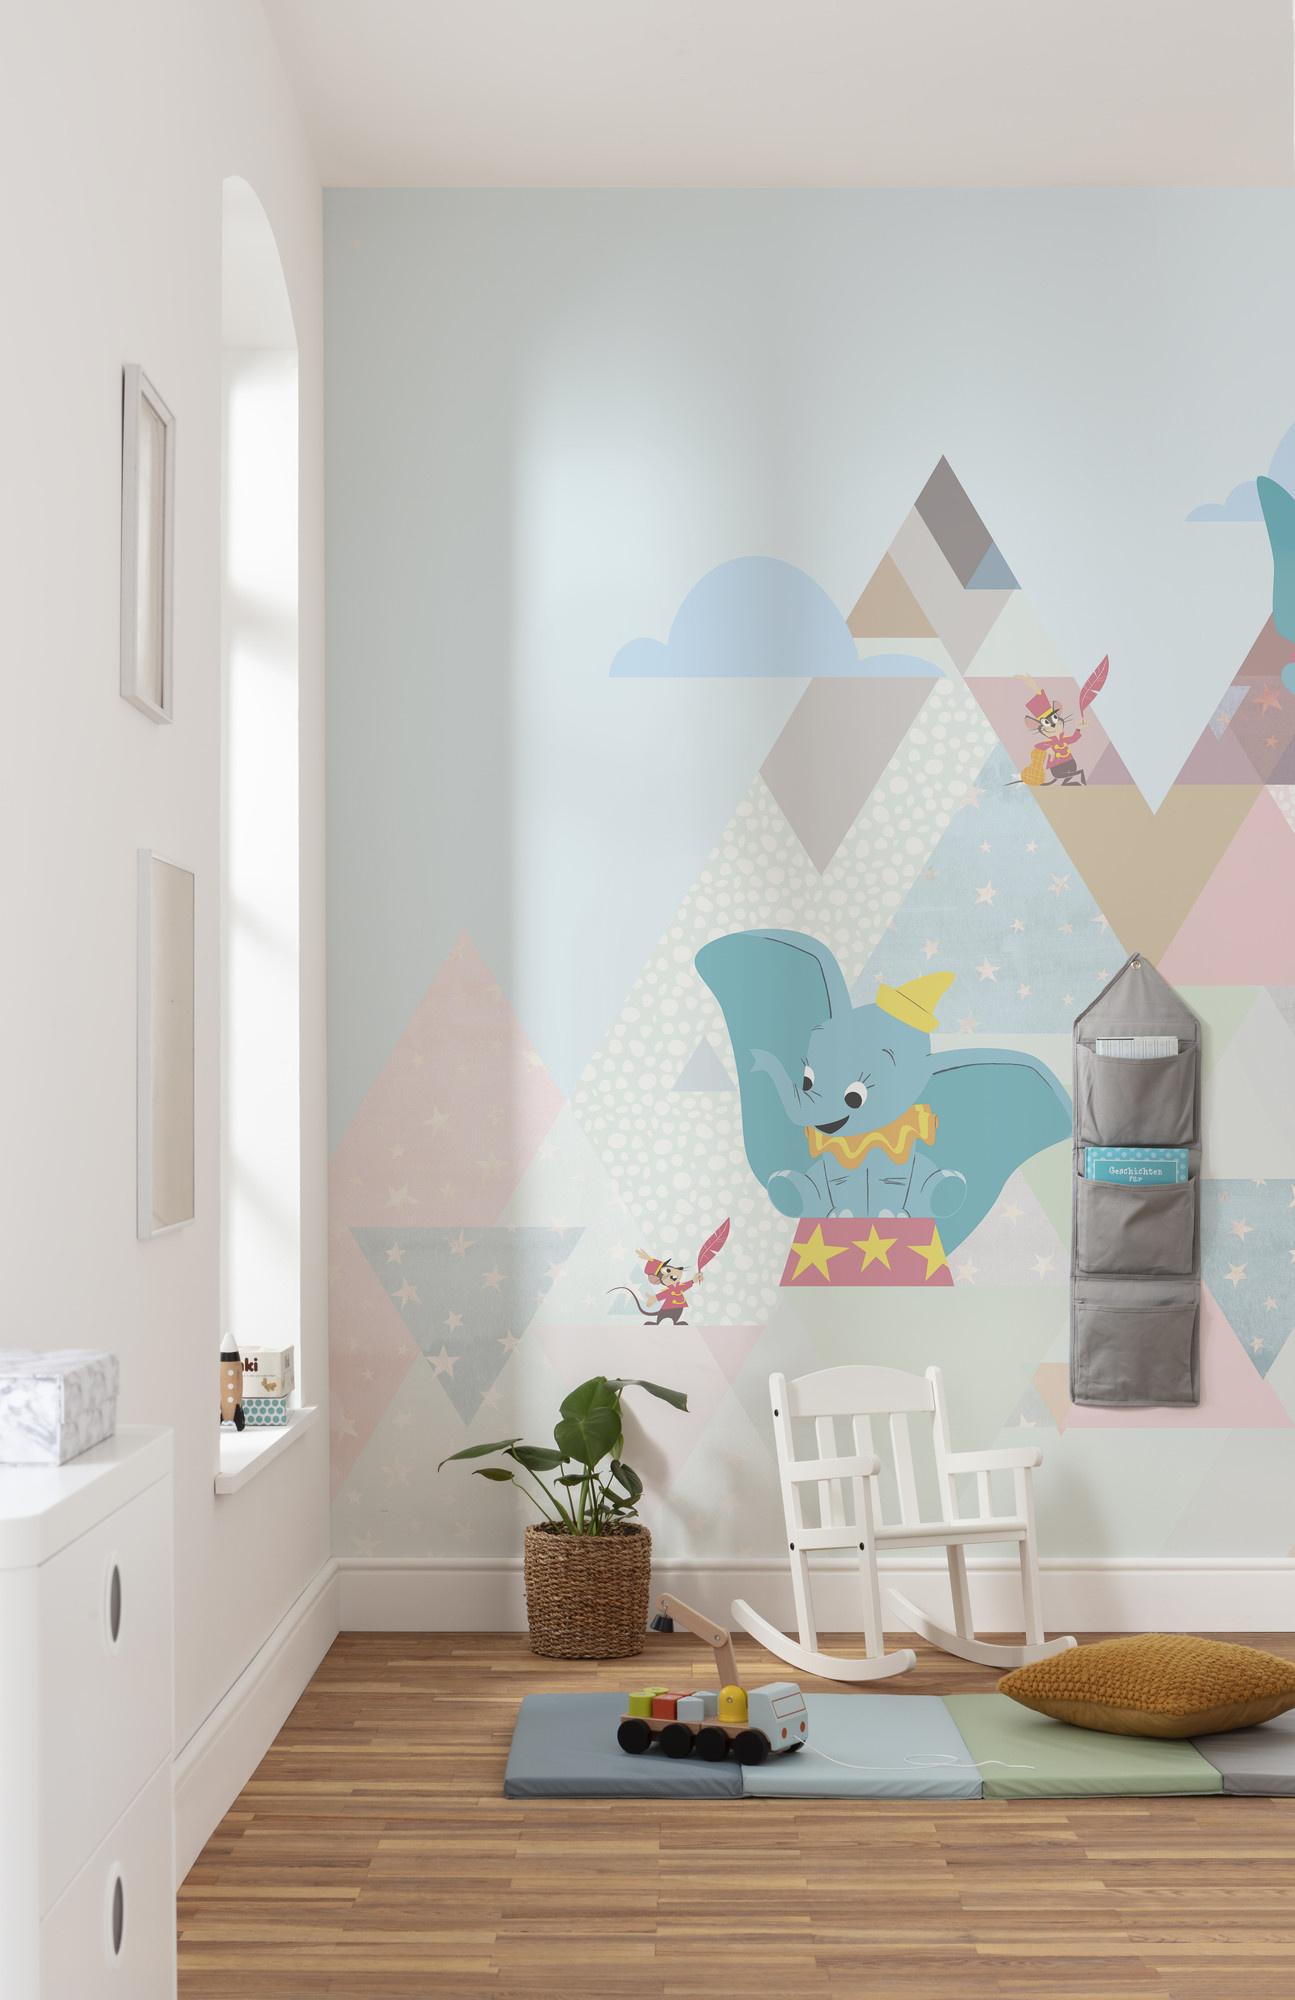 Disney Edition 4 Kinderbehang Komar - Kinderkamer behang Dumbo flying elephant